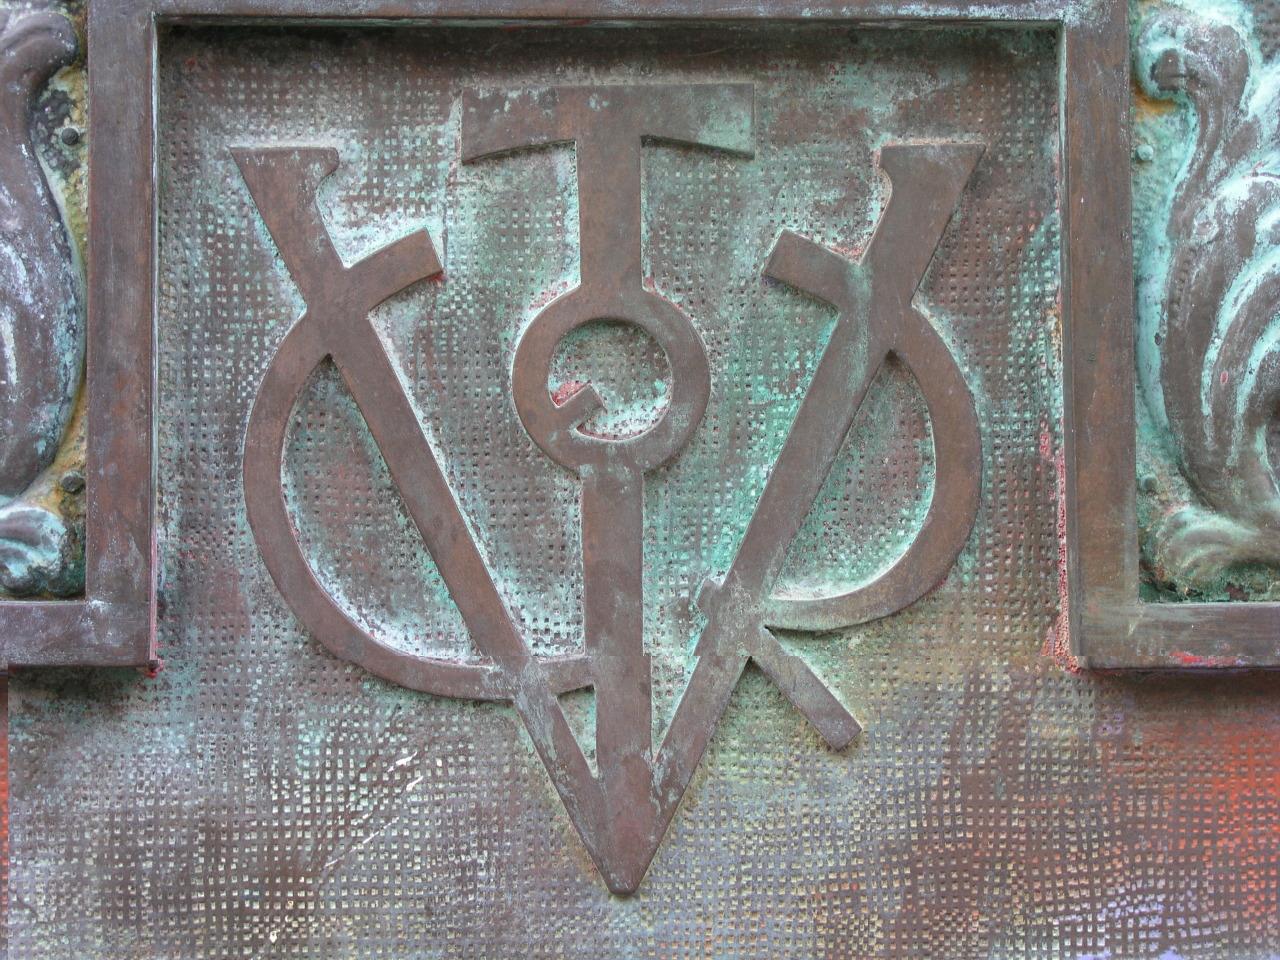 El único partido que defiende abiertamente mantener los símbolos franquistas es Vox